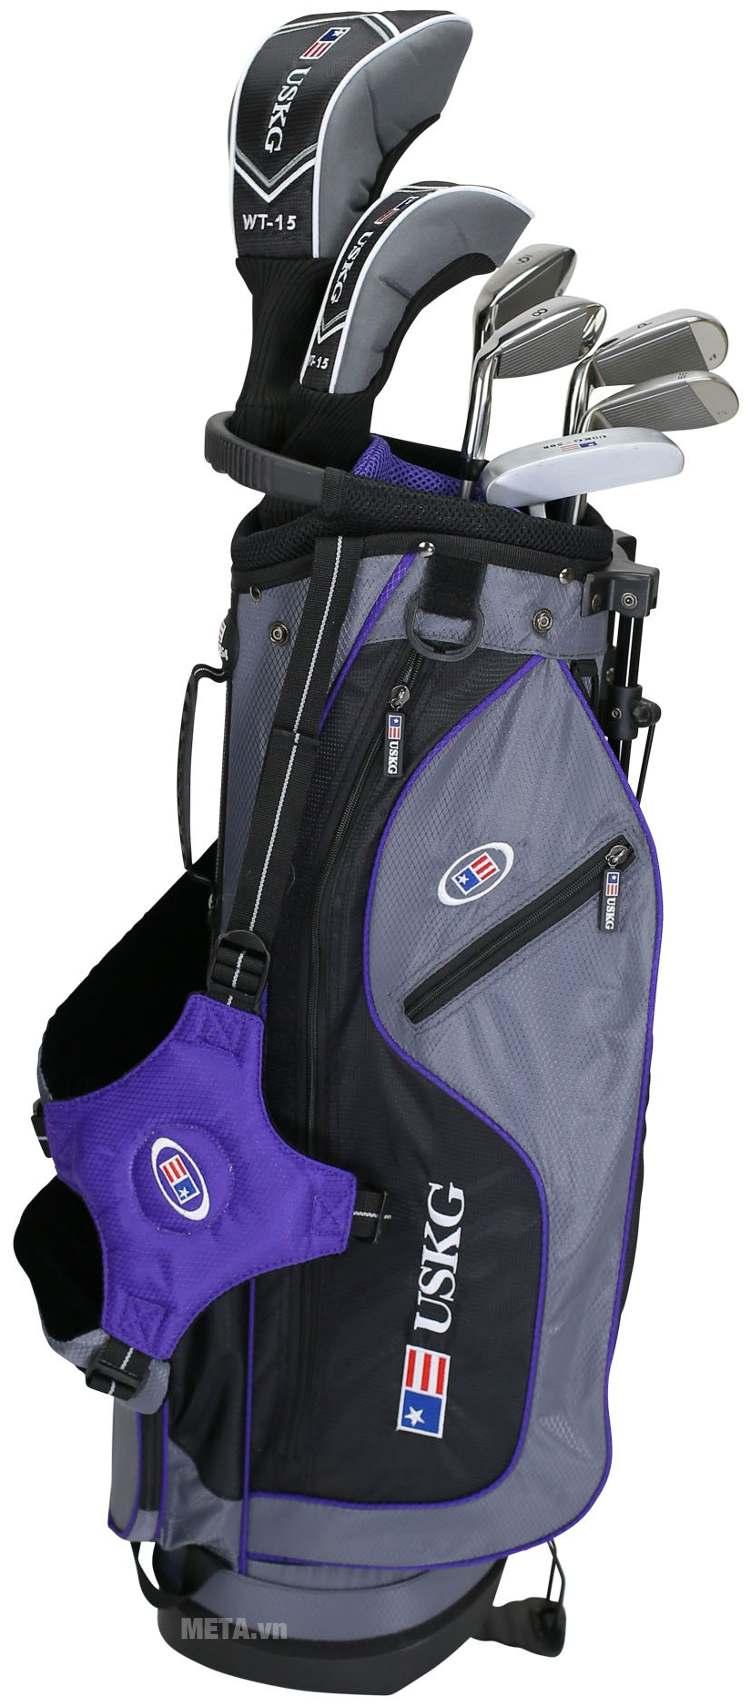 Bộ gậy golf trẻ em US Kids Golf UL54 7 Club với túi gậy.